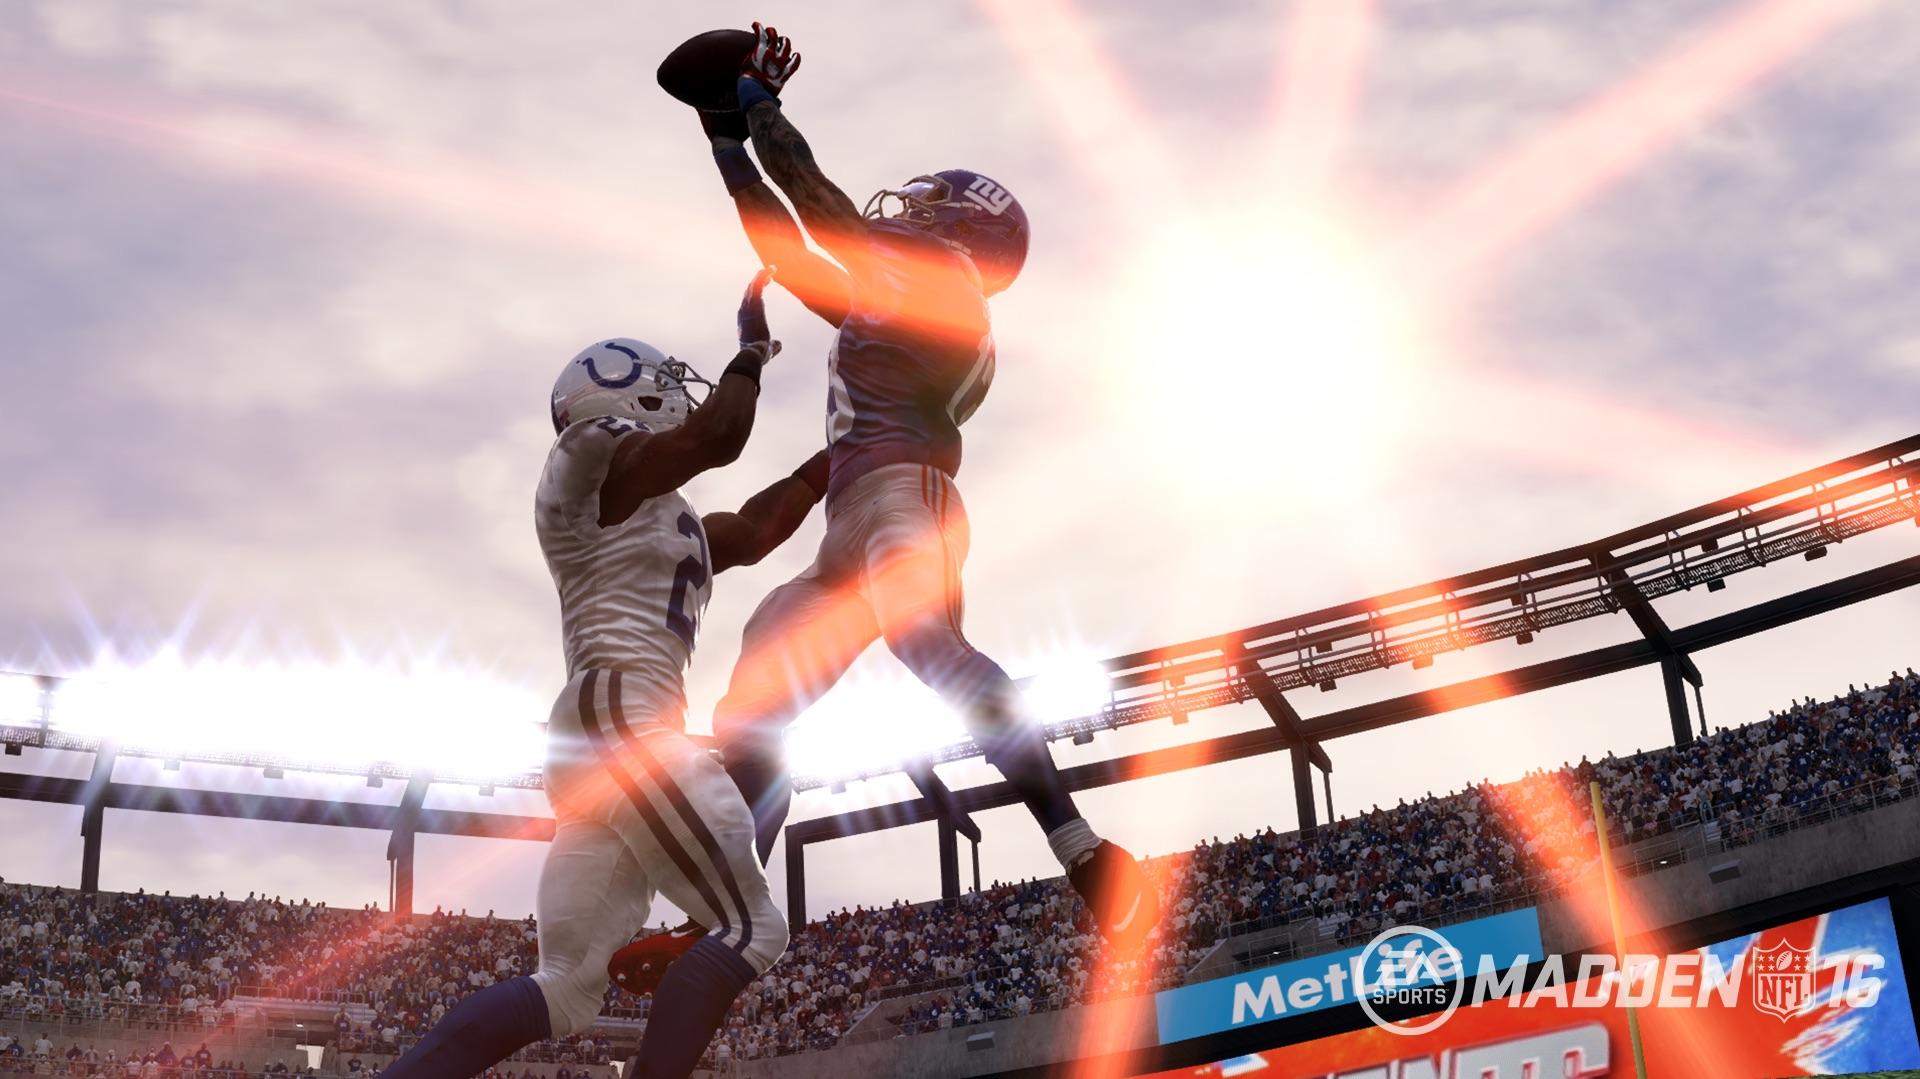 Madden NFL 16 HD Wallpaper 10   1920 X 1079 stmednet 1920x1079